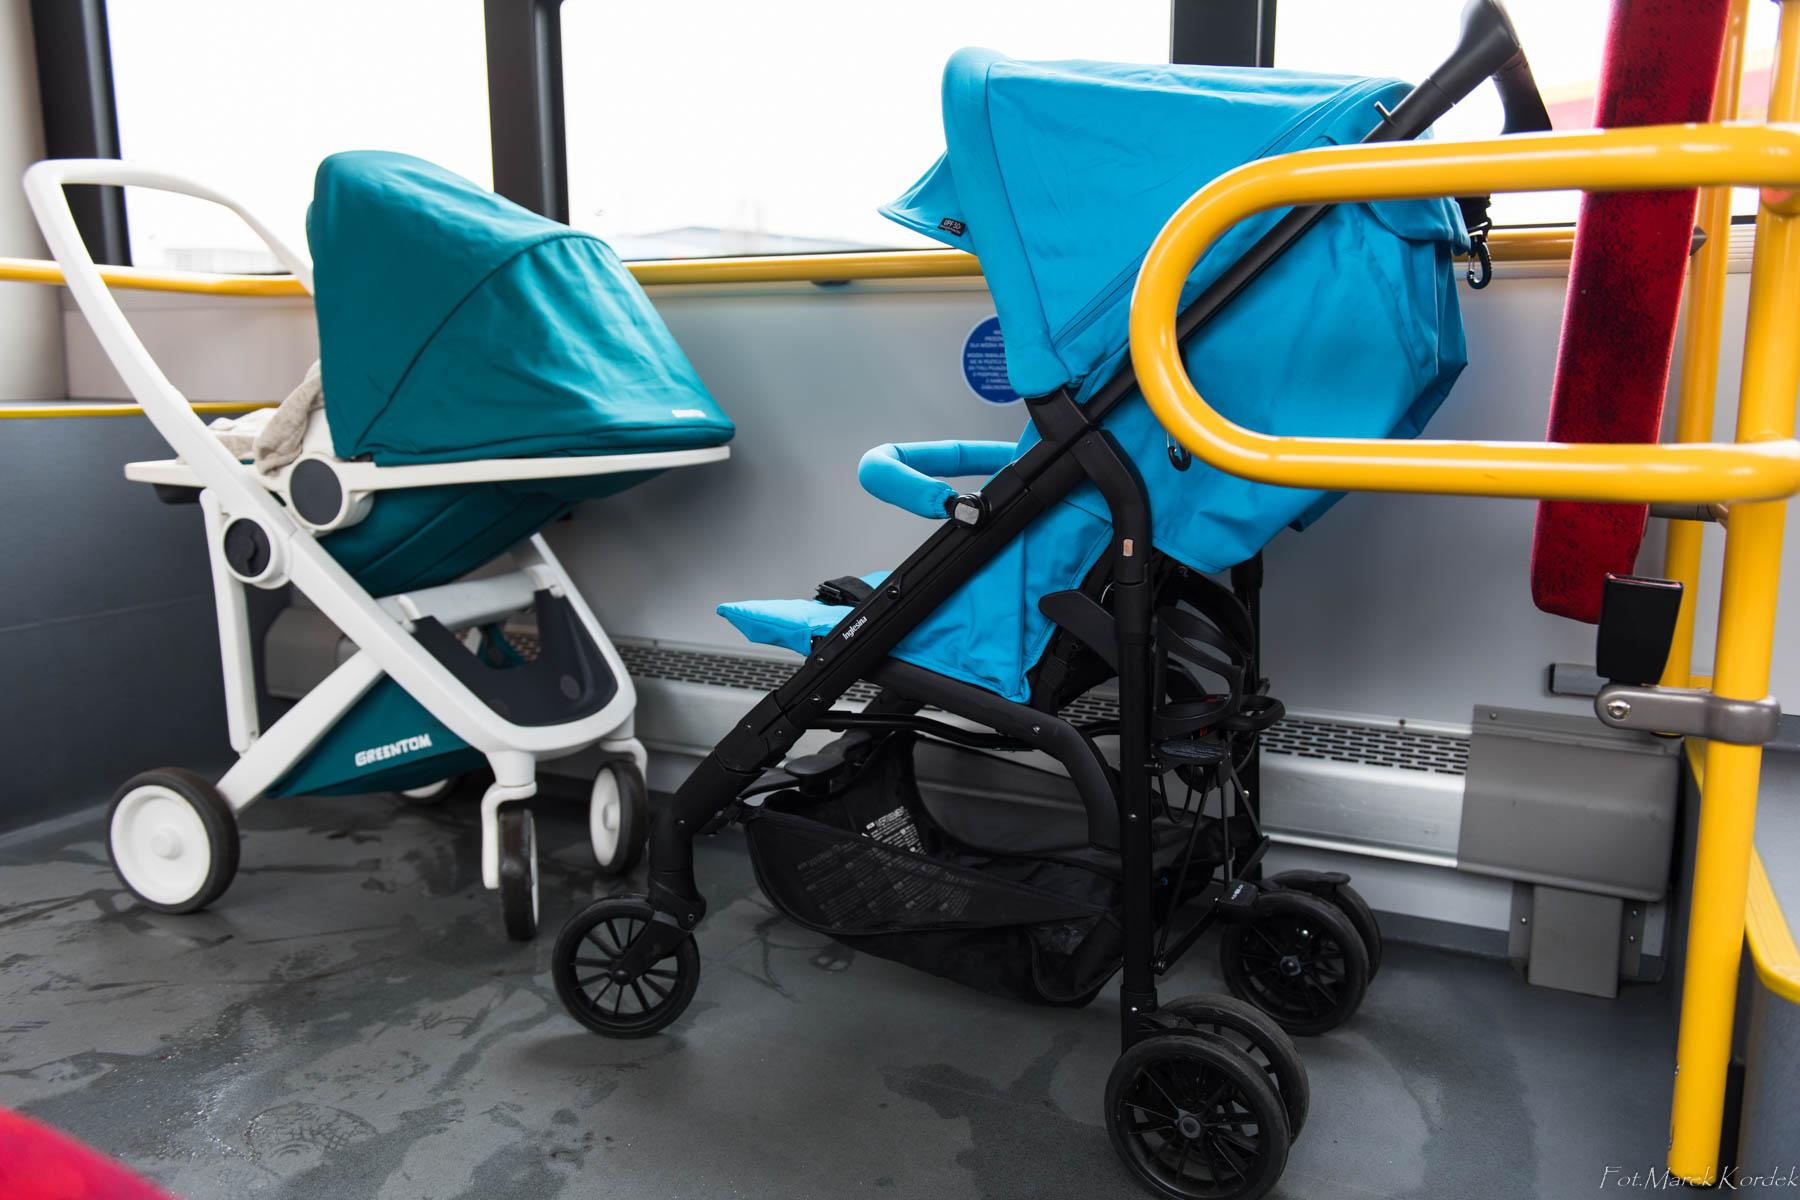 Jak bezpiecznie przewozić dziecko w komunikacji miejskiej miejsce na dwa wózki